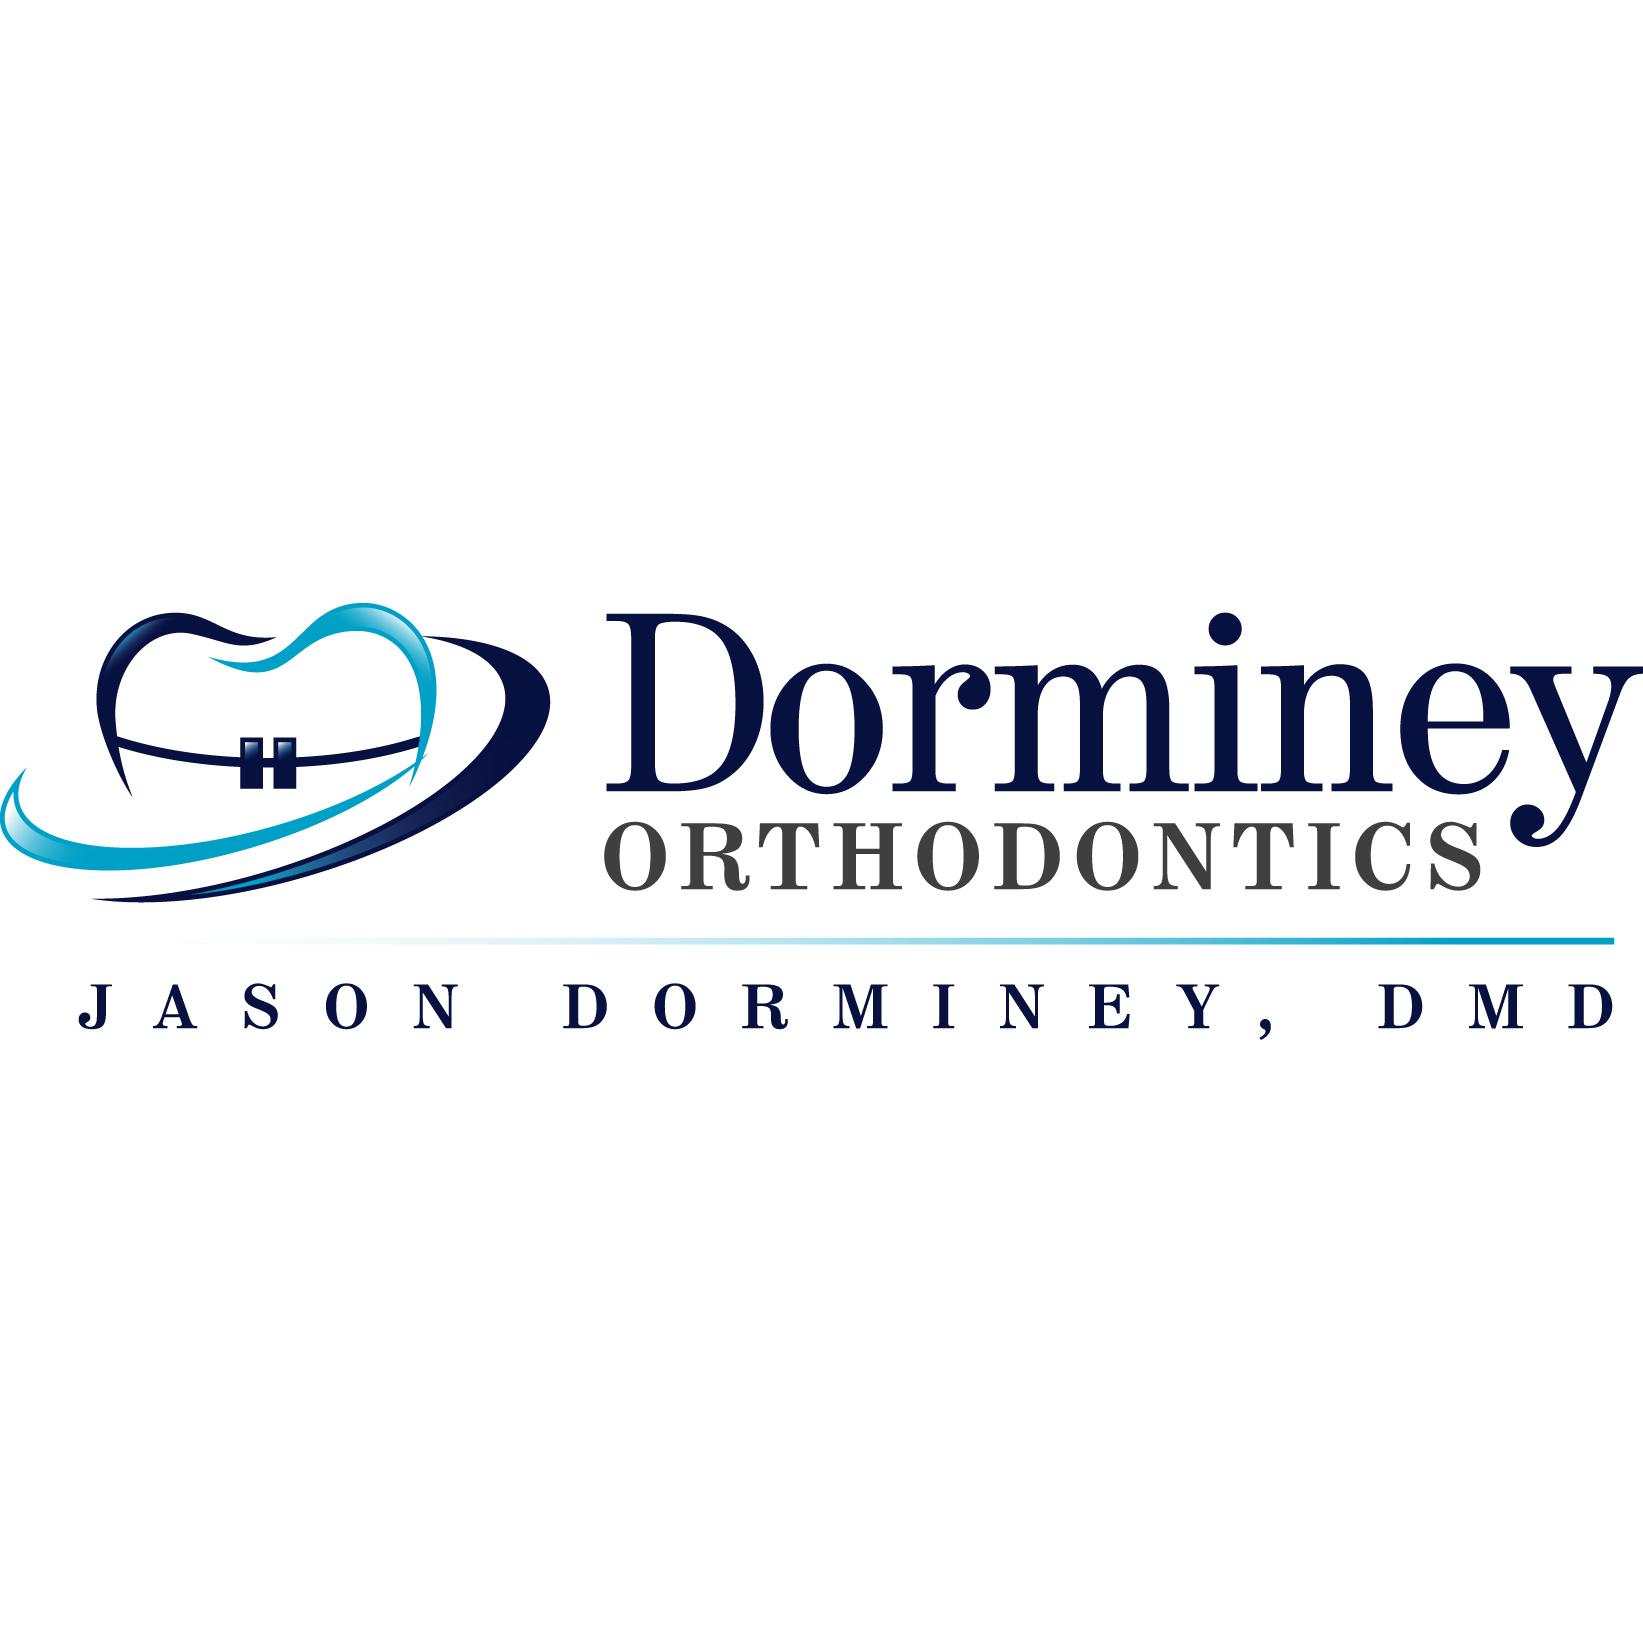 Dorminey Orthodontics